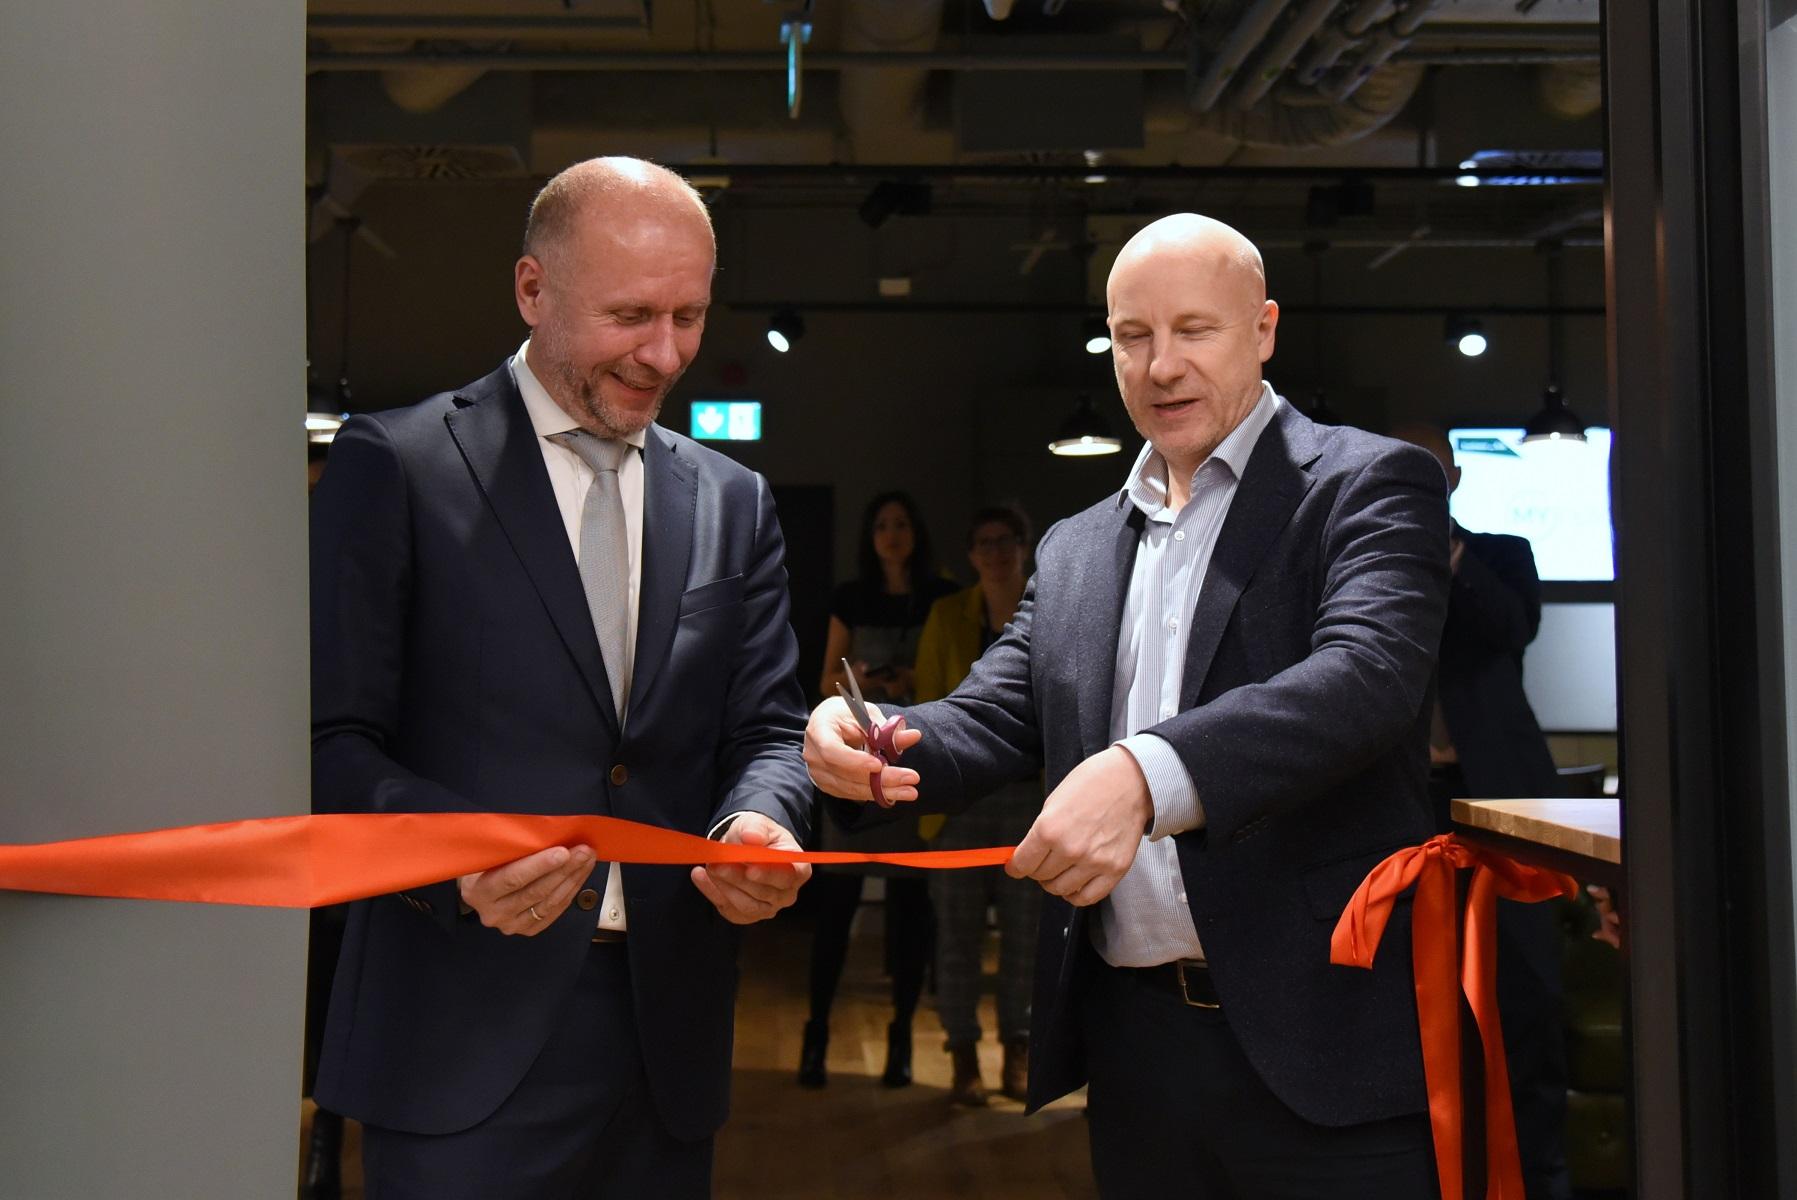 Firma Conectys otworzyła swoje biuro w Poznaniu (fot. poznan.pl)